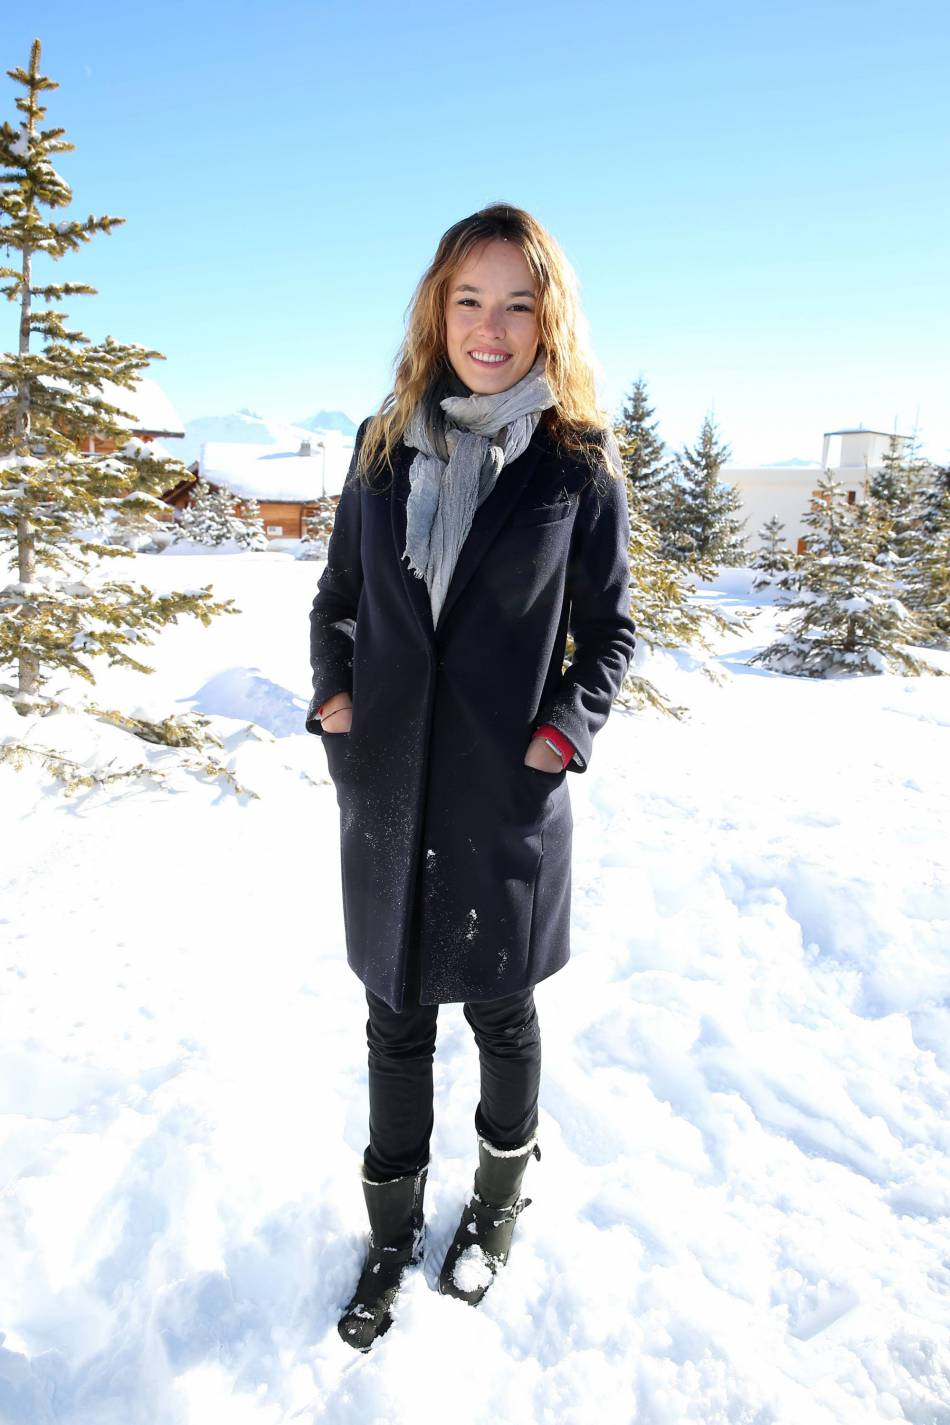 match Ski